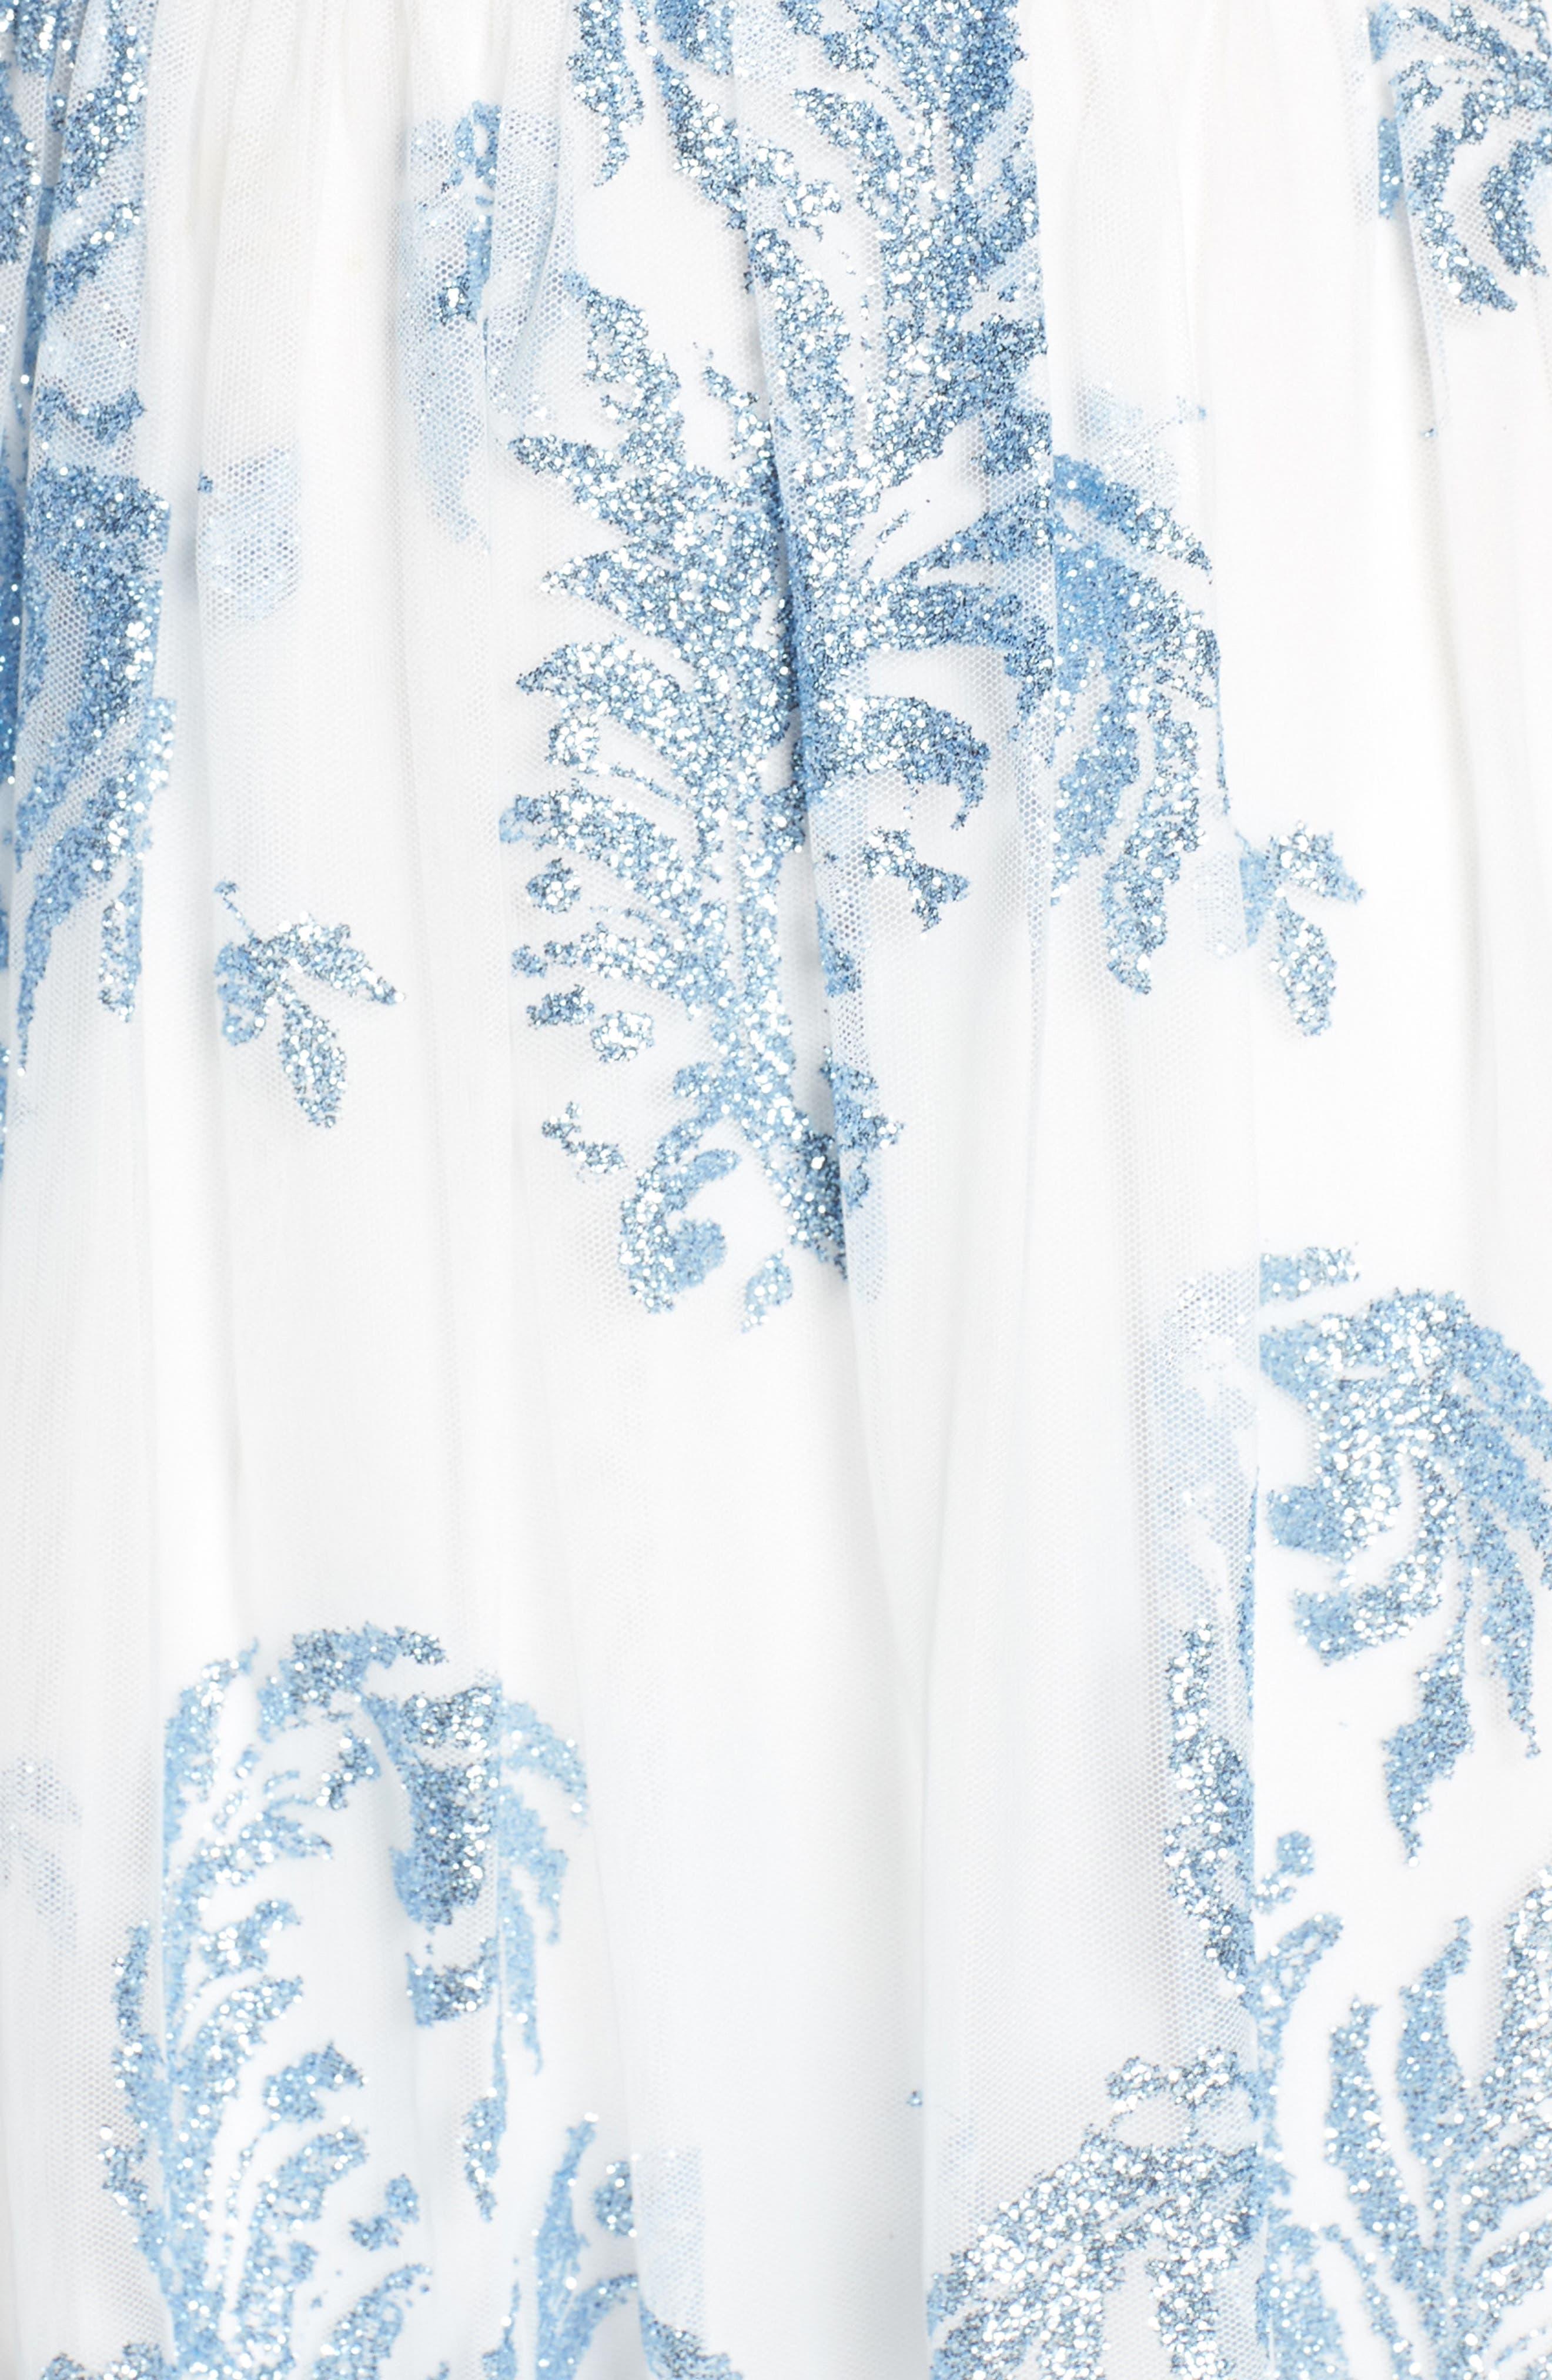 Strapless Glitter Mesh Evening Dress,                             Alternate thumbnail 6, color,                             IVORY/ BLUE